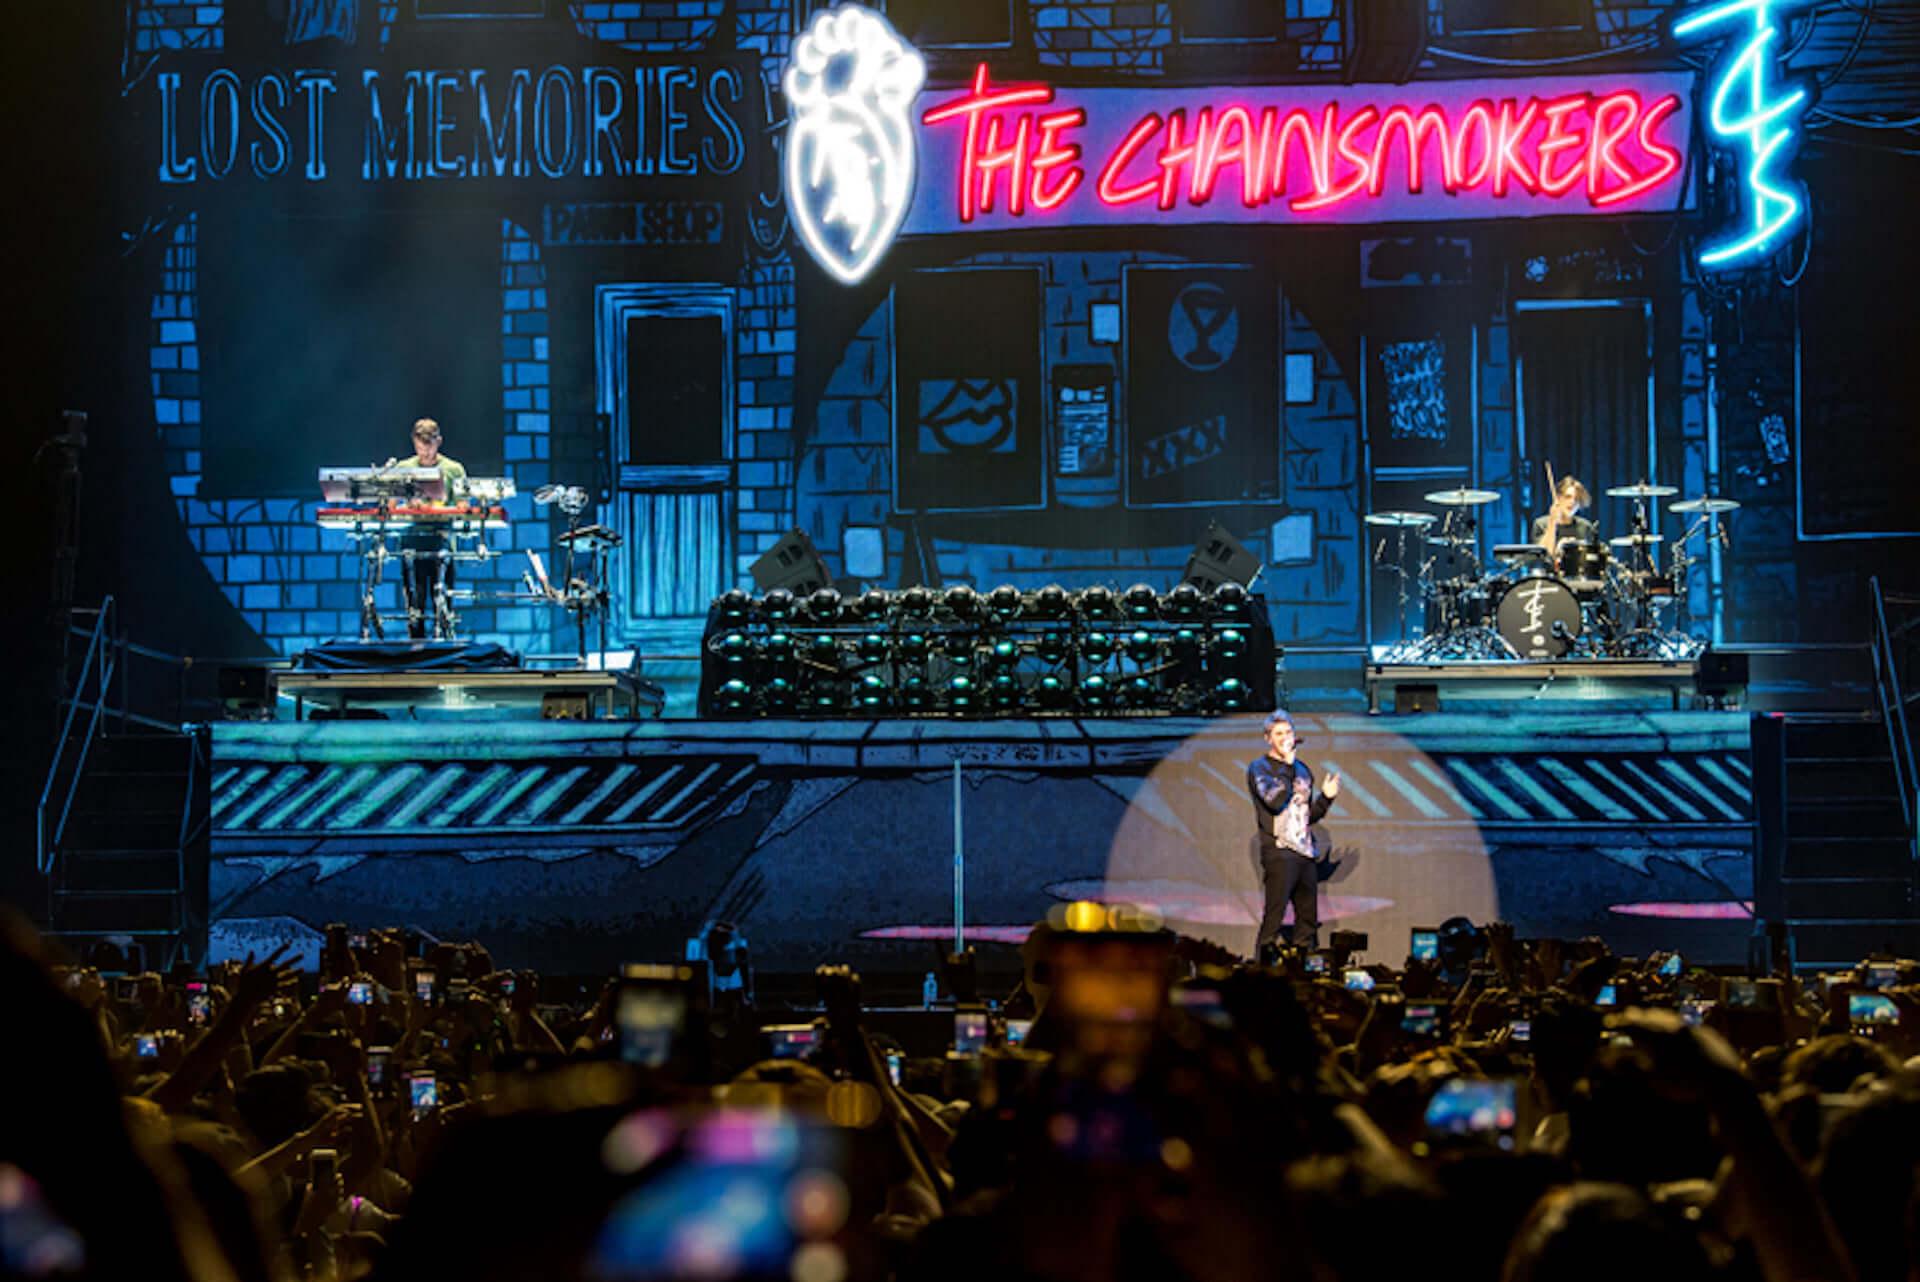 日本のトップ・キュレーター/DJ、TJOがThe Chainsmokersの最新アルバム『ワールド・ウォー・ジョイ』をプレイヤー目線で徹底検証 music0307_chainsmokers_05-1920x1282